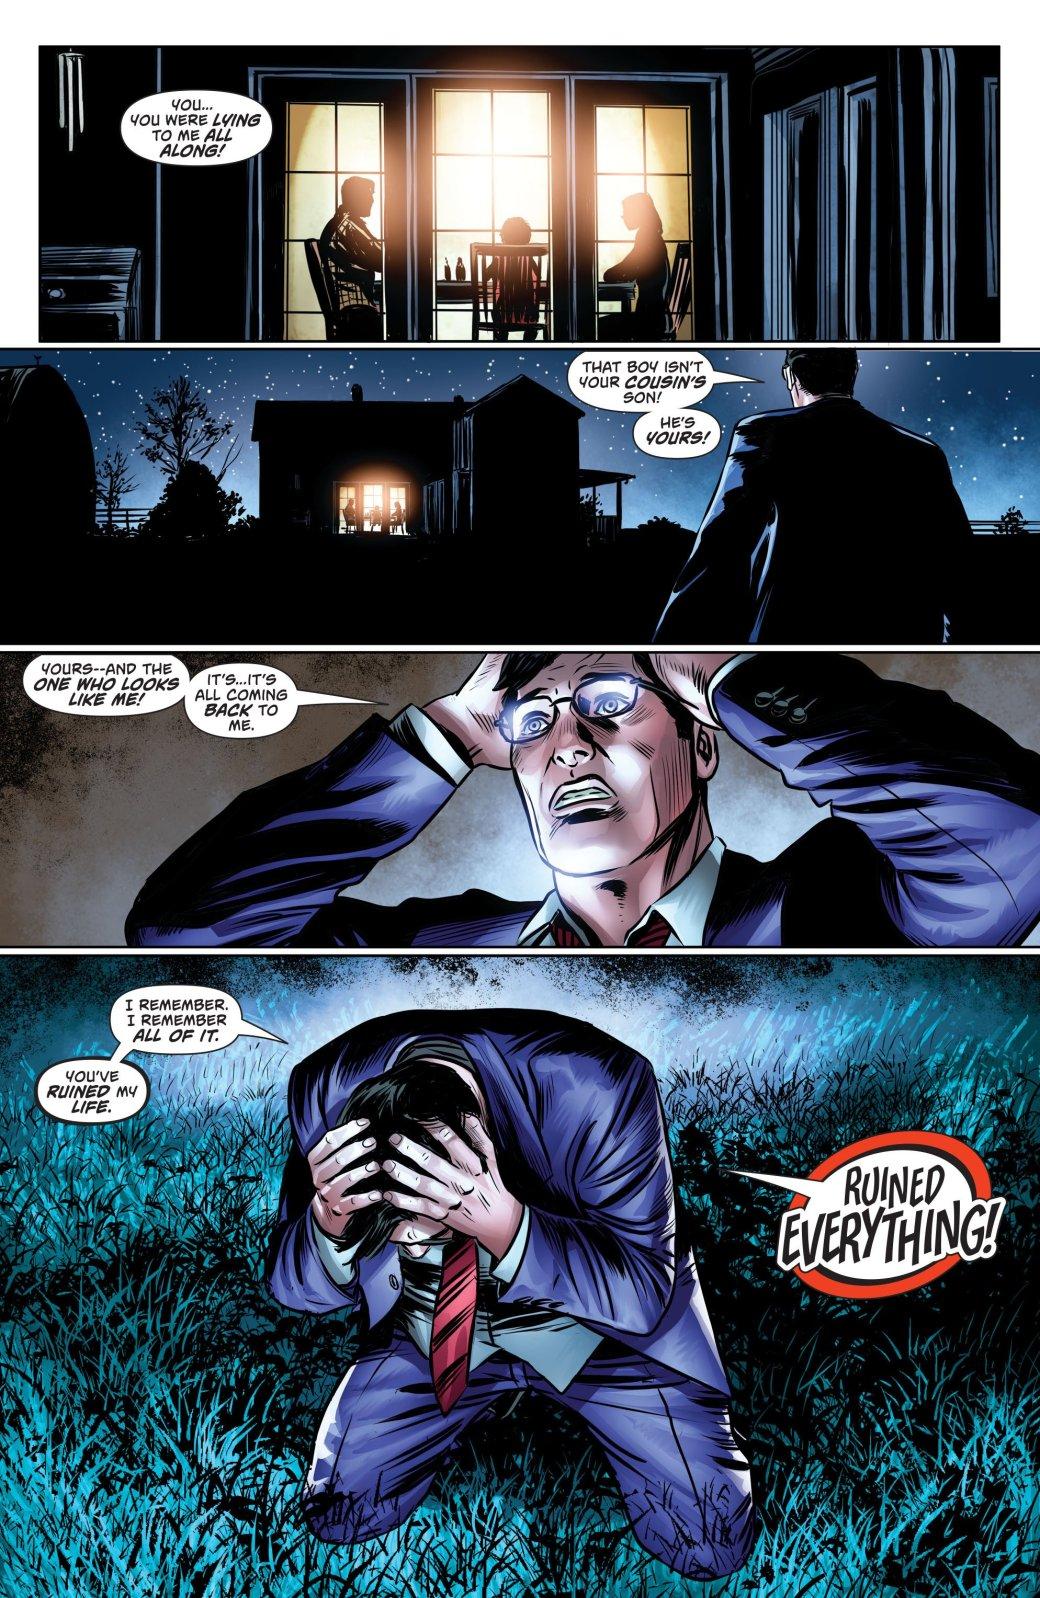 Удалось ли Лоис Лейн узнать секрет Кларка Кента? | Канобу - Изображение 2189